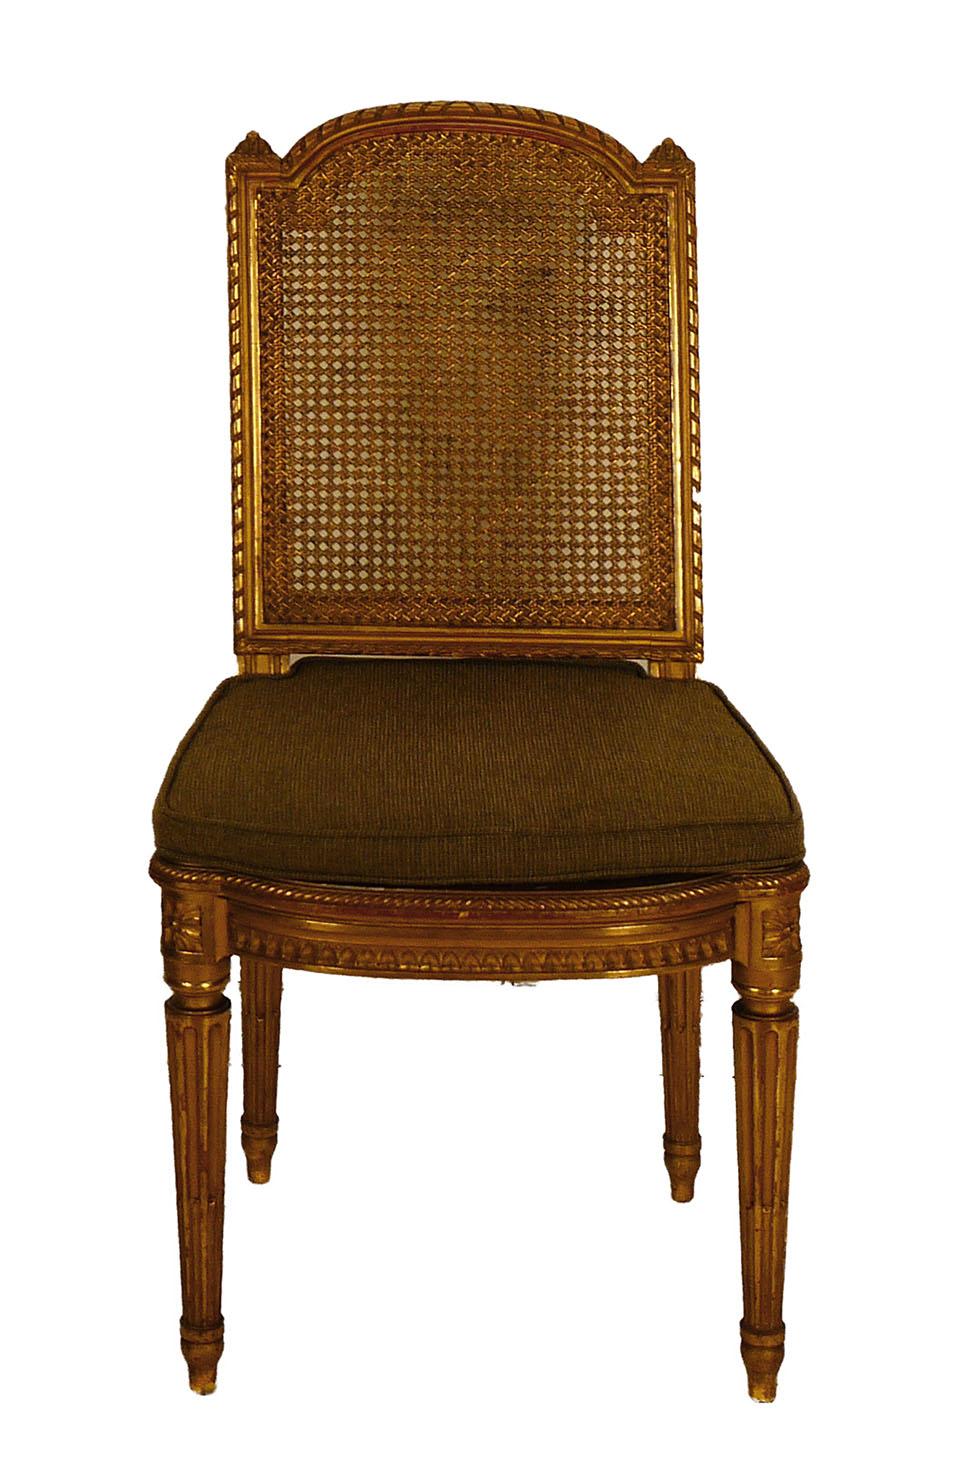 Bgw remate i0000 muebles gek htm gendata - Sillas estilo luis xvi ...